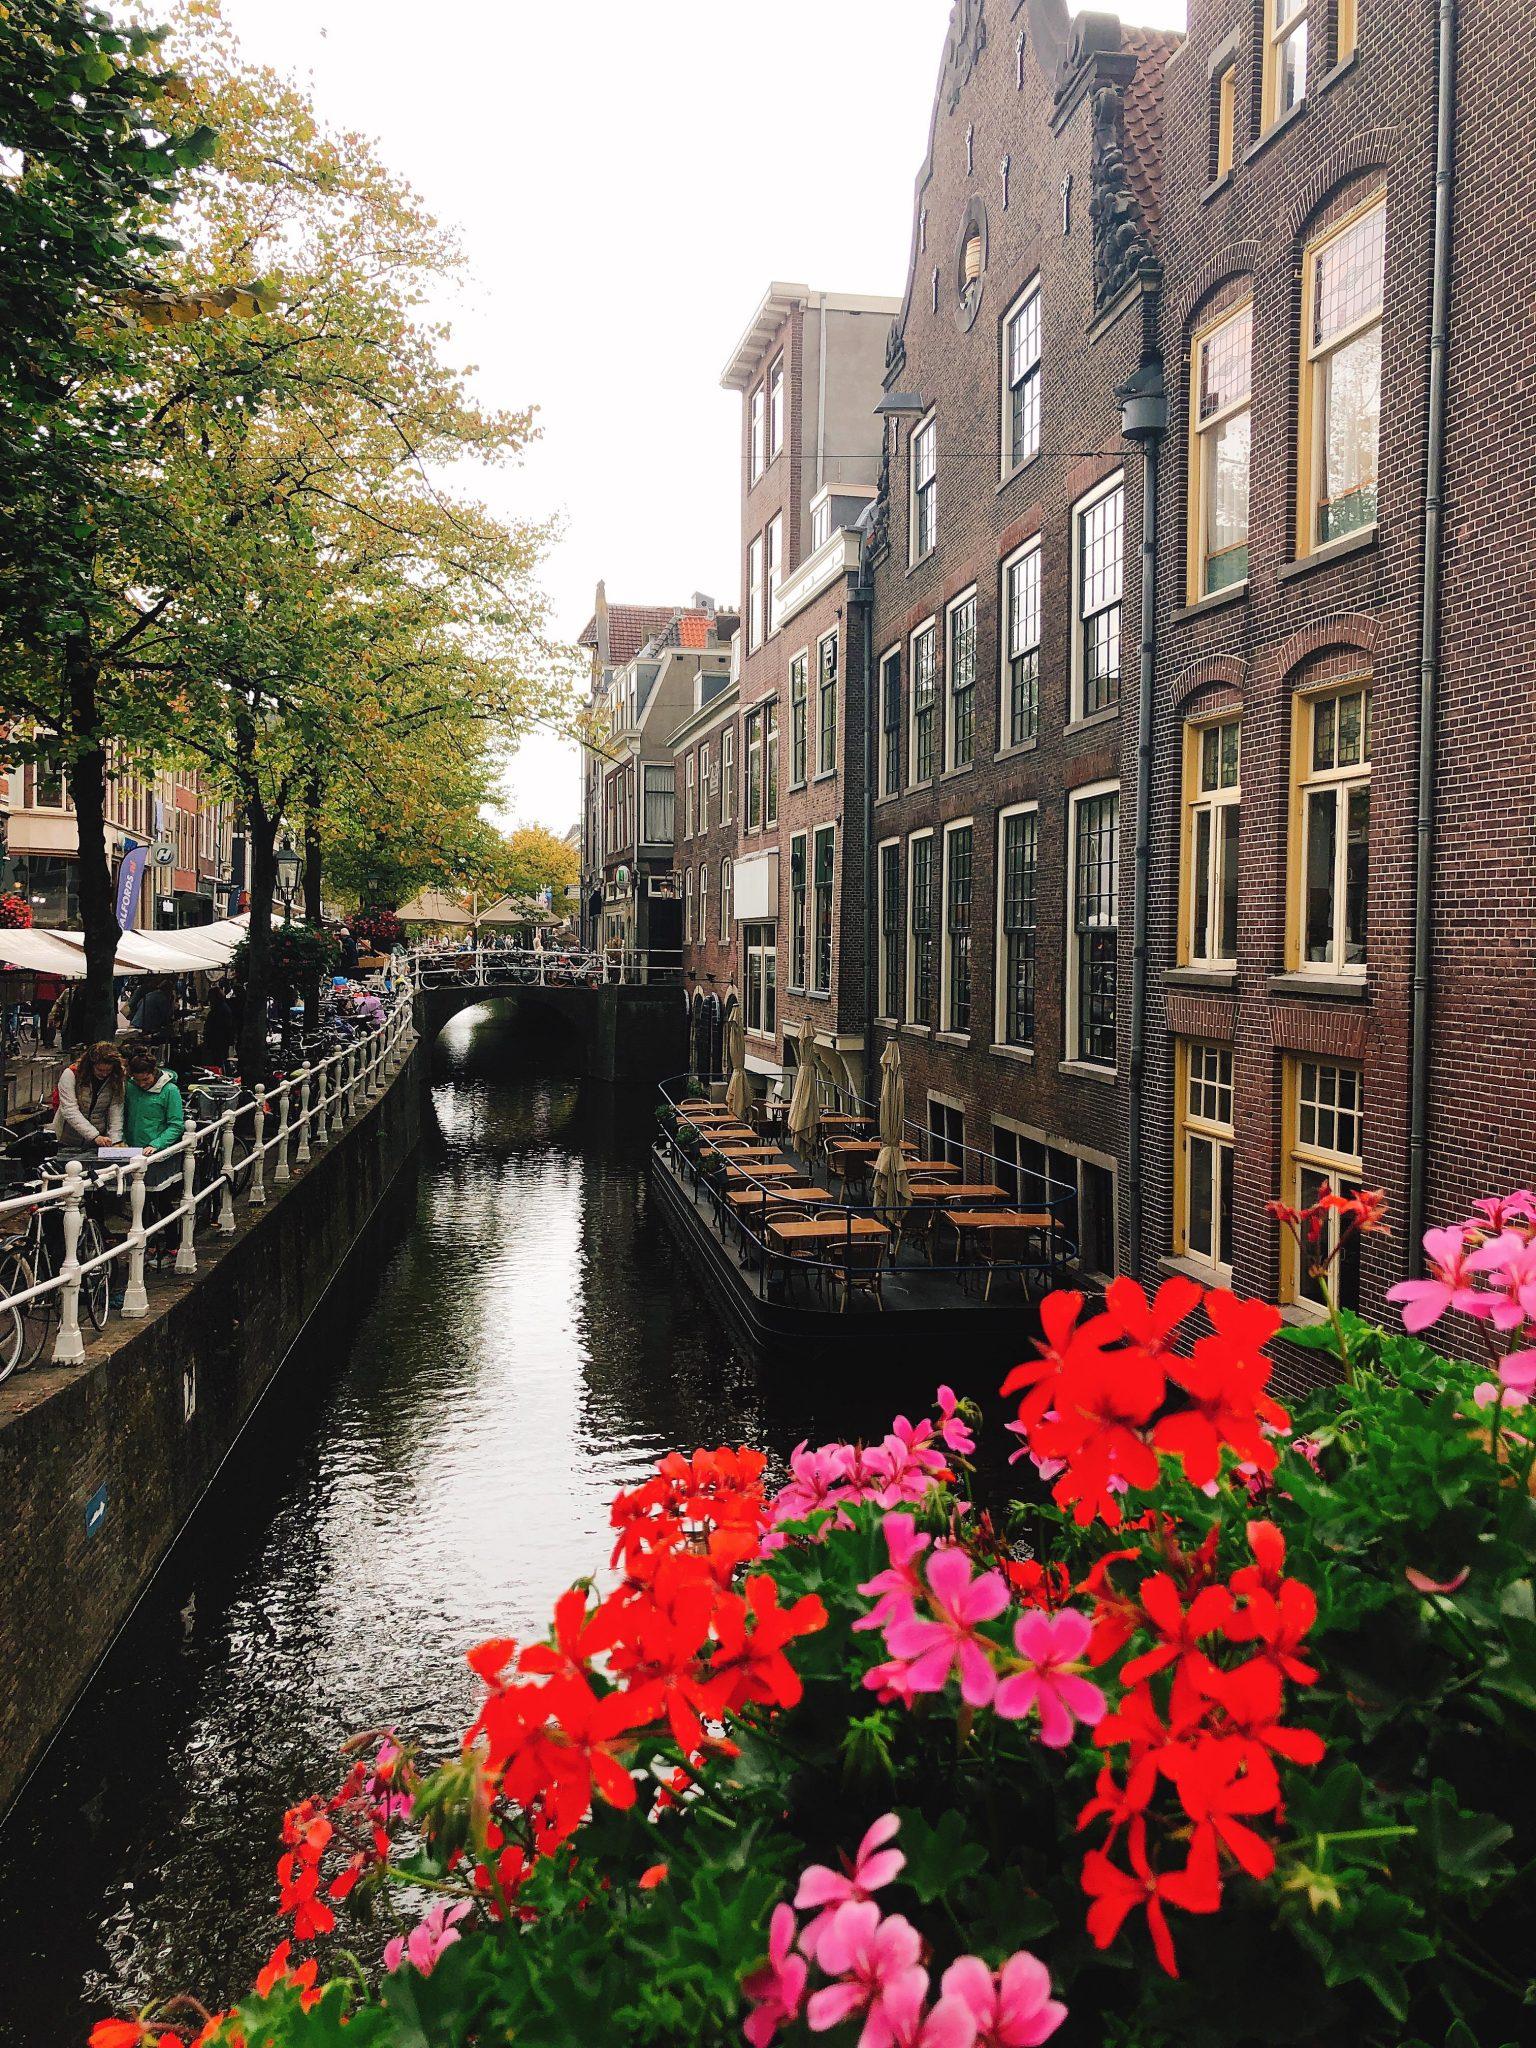 Elise's Weekly Pictorama - Weekendje weg naar Delft! En voedselvergiftiging..